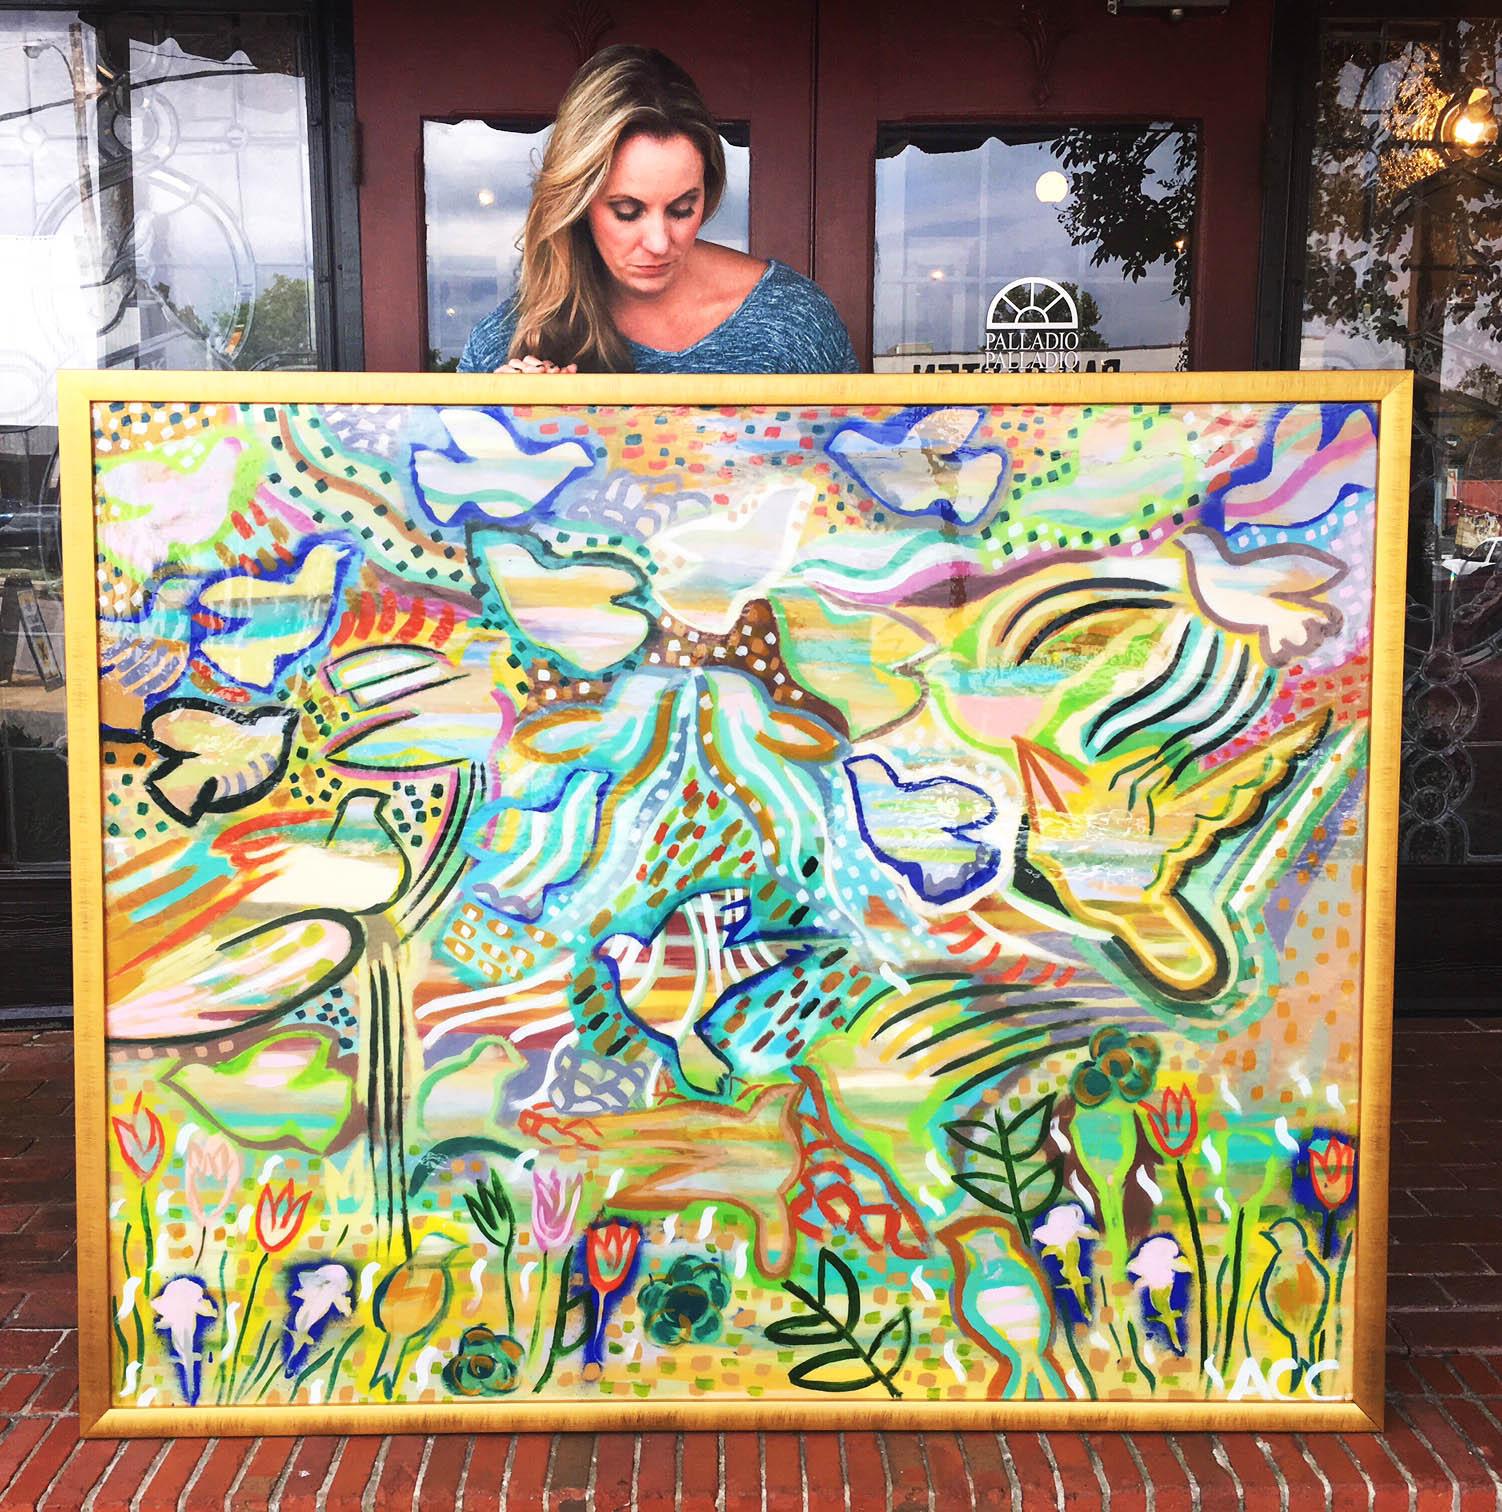 Amy Carlisle Art - Family. Healing. Awareness.